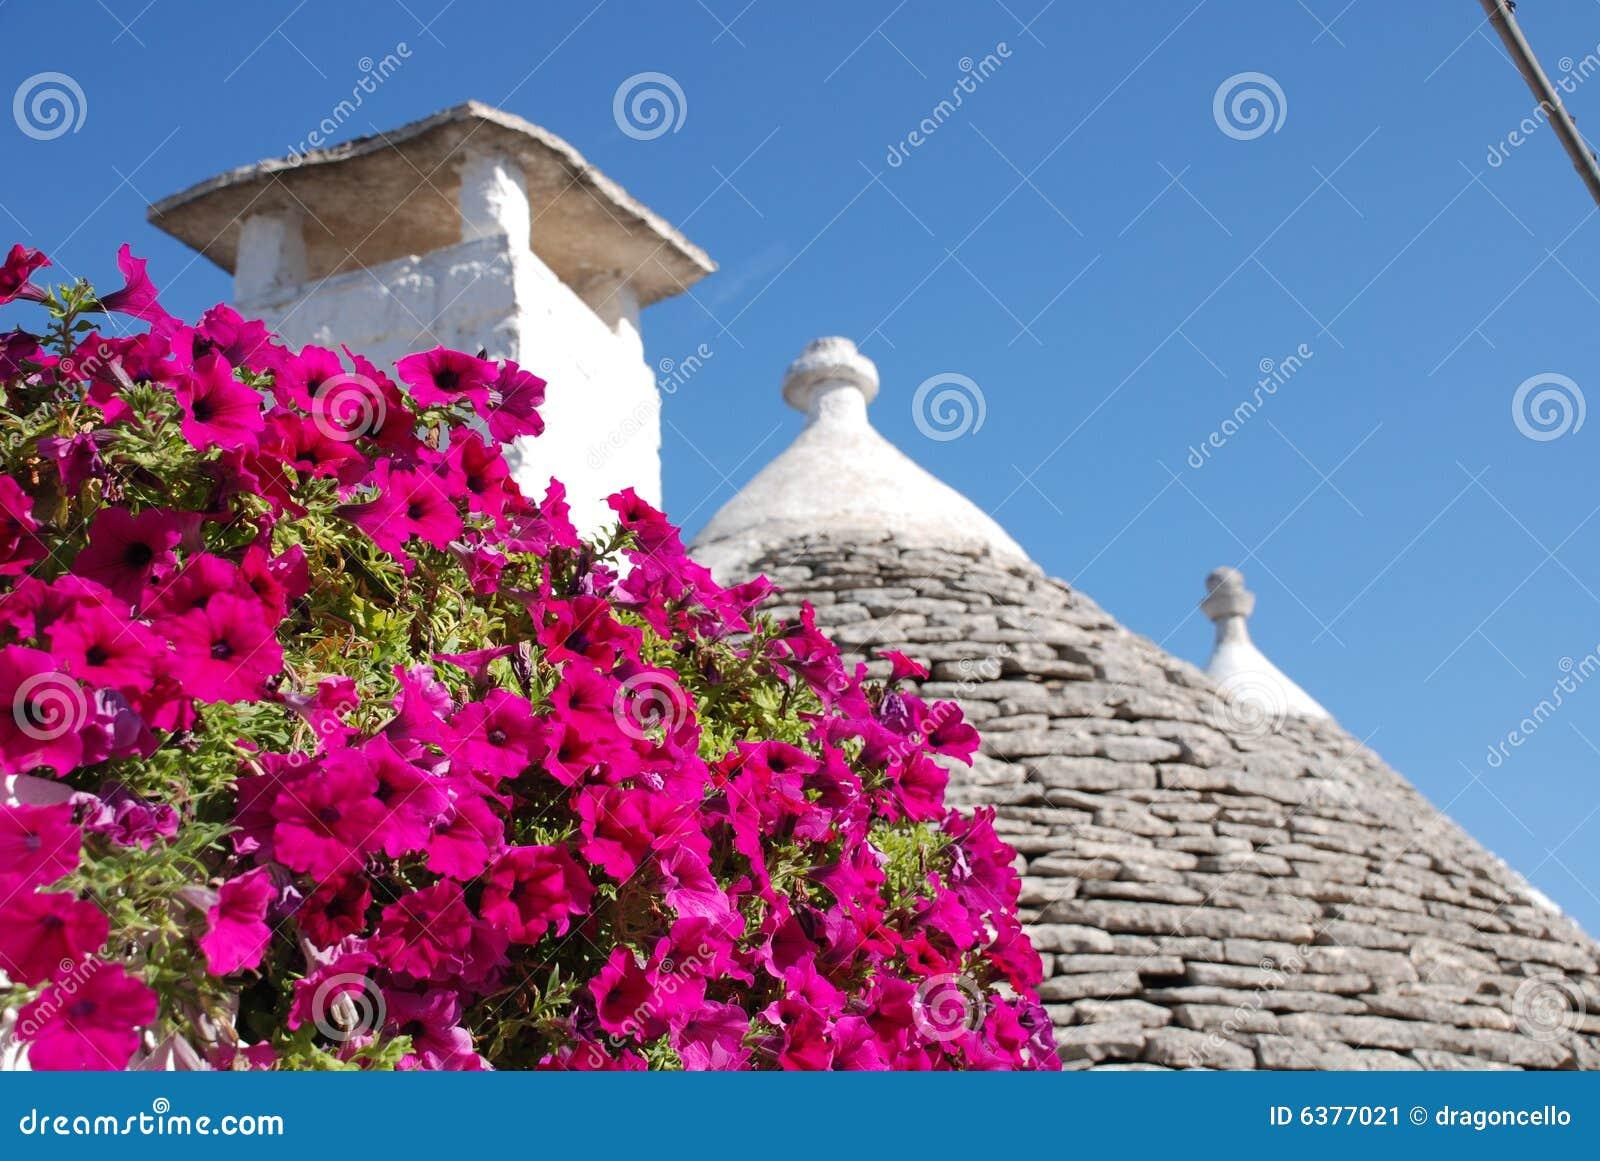 Tetto di Trullo con i fiori 1 di colore rosa